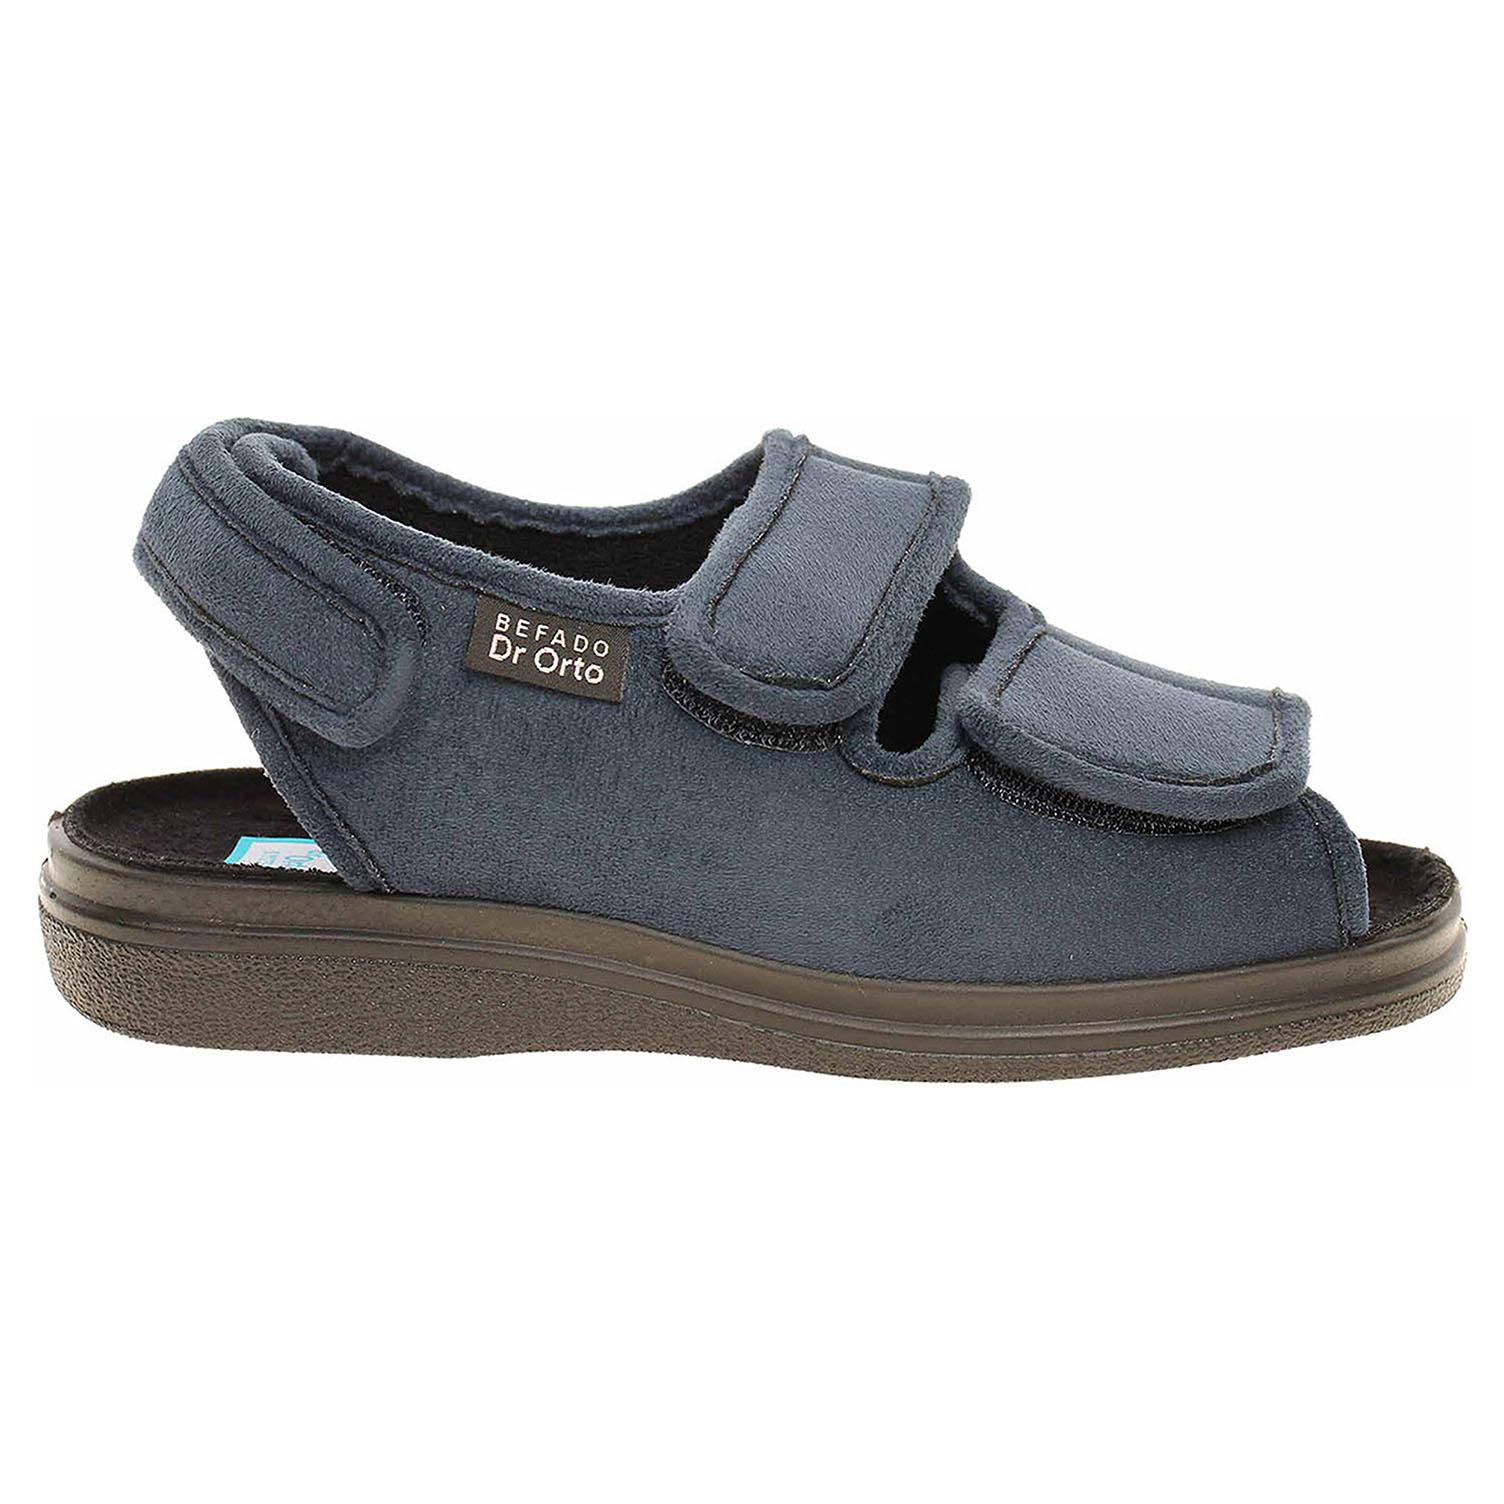 Ecco Befado domácí obuv 676D003 modrá 23500318 d03c3db624